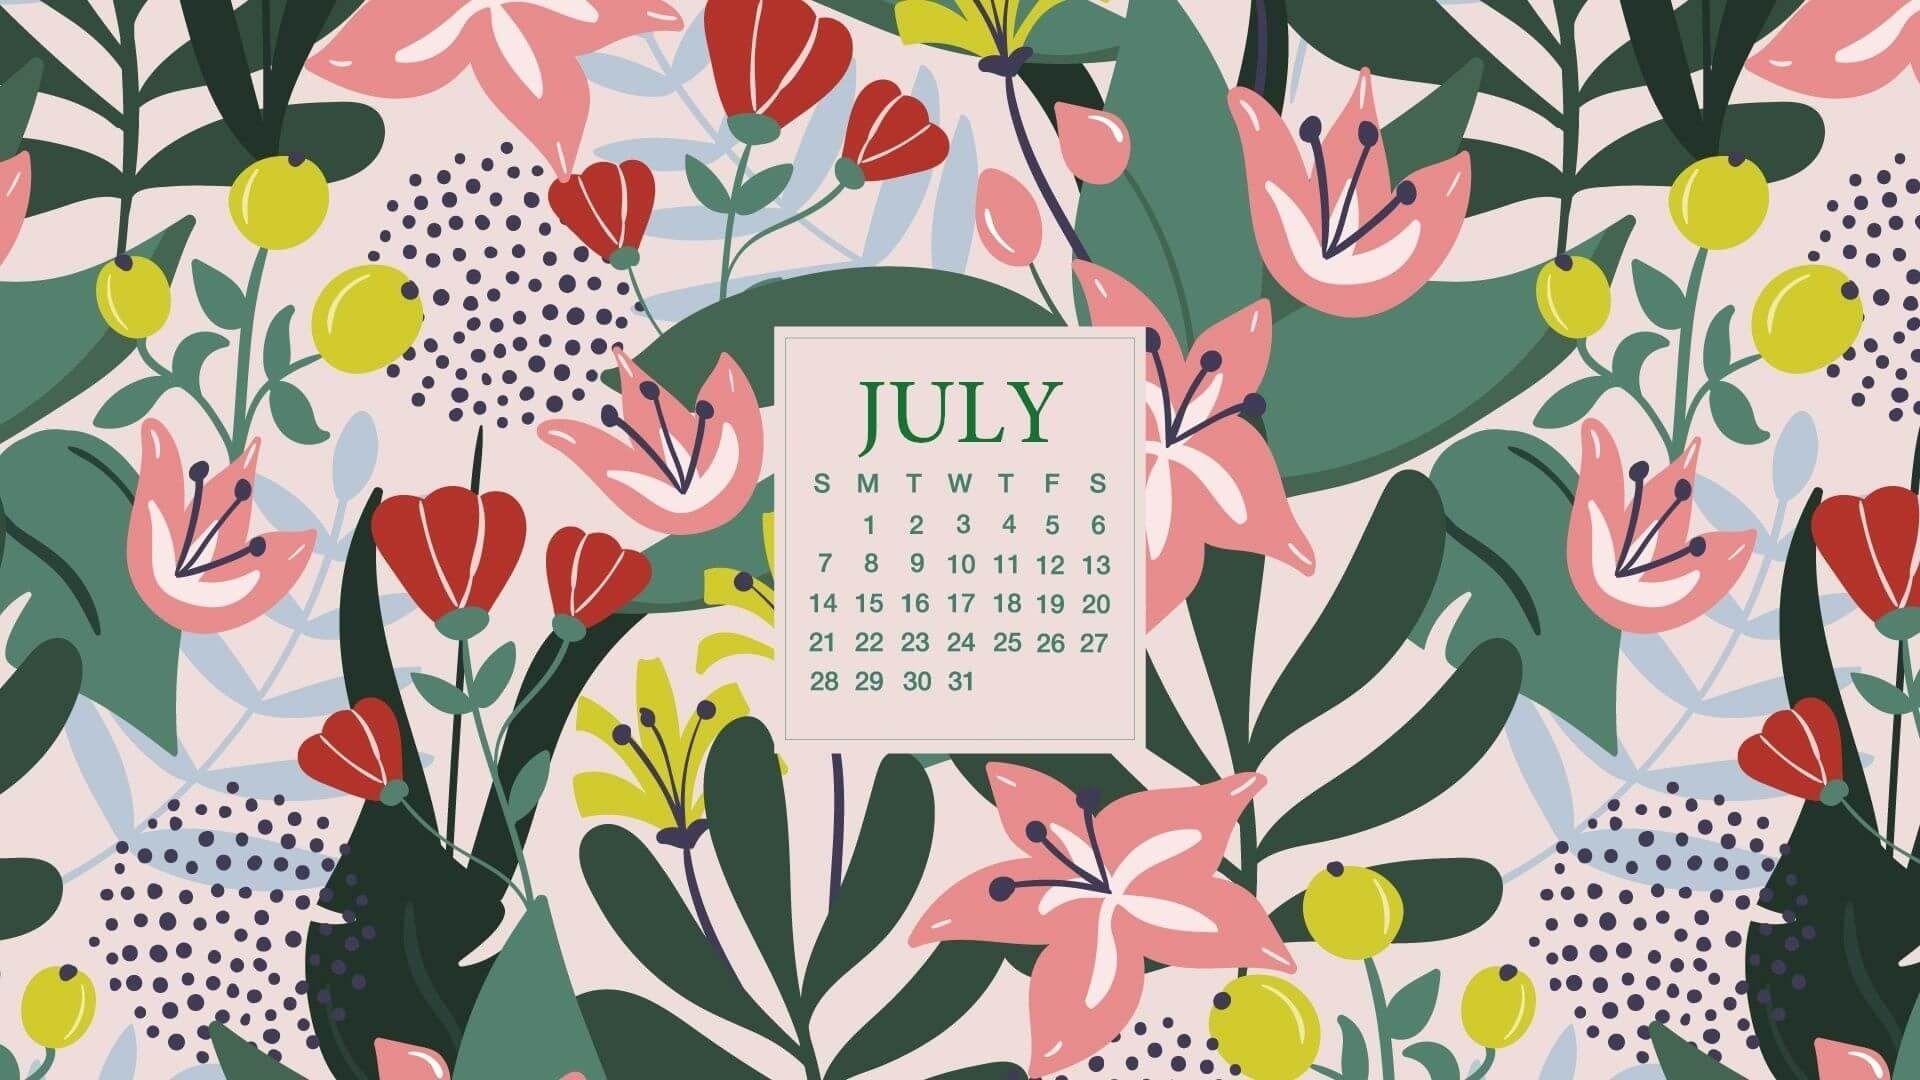 July 2020 Desktop Calendar Background Desktop Wallpaper Calendar Calendar Wallpaper Desktop Calendar